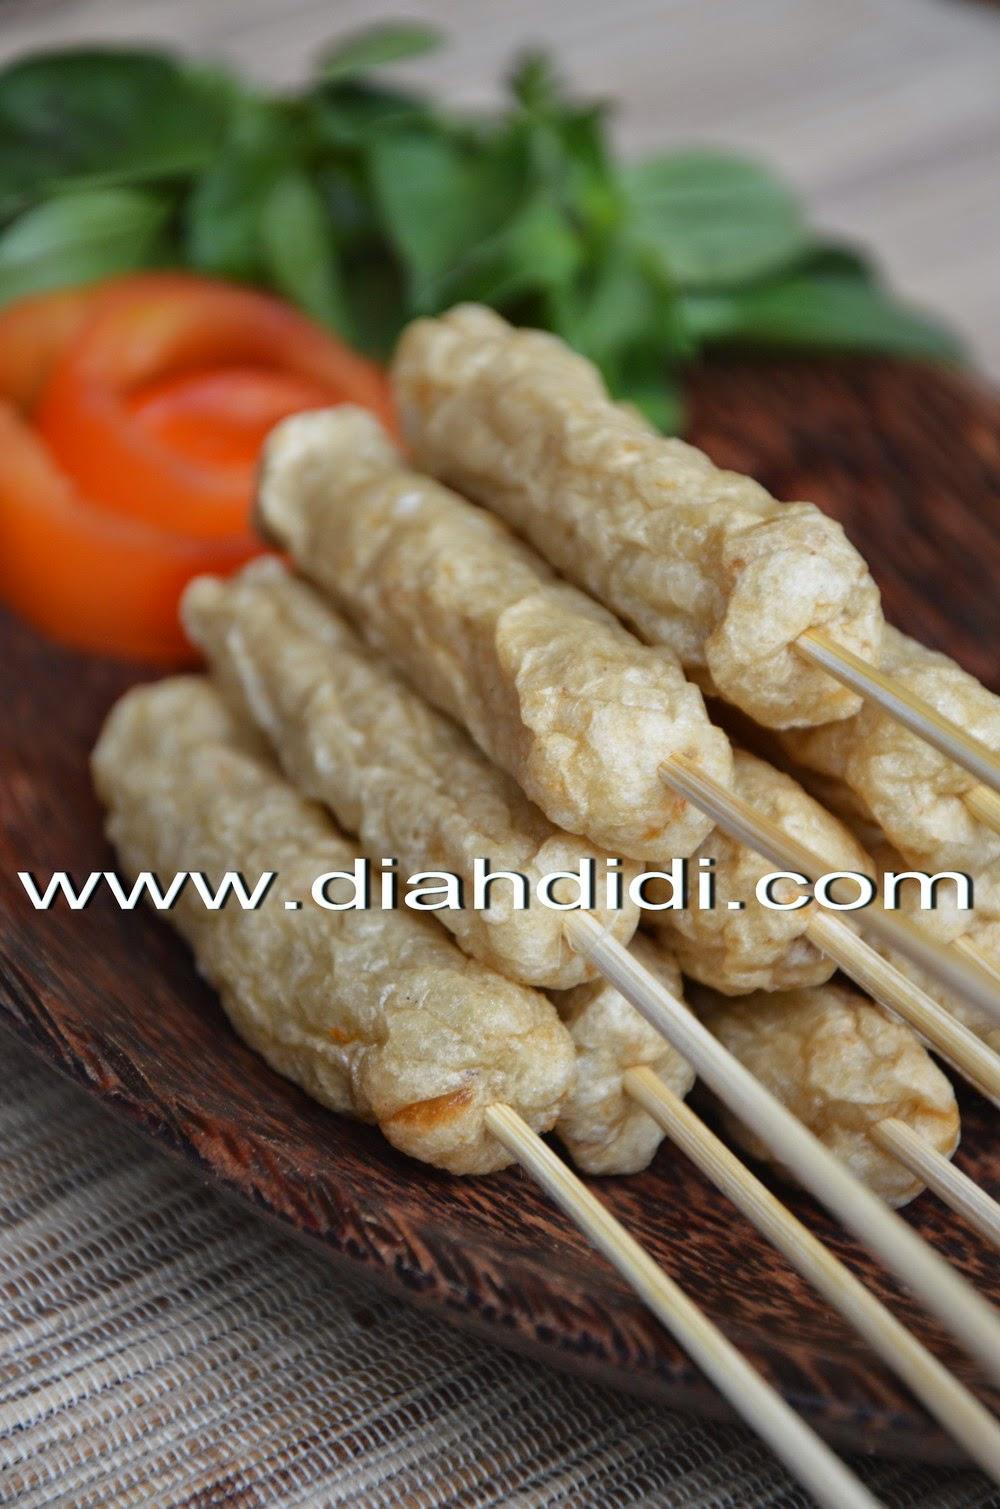 Diah didi 39 s kitchen korean fish cake for Korean fish cake